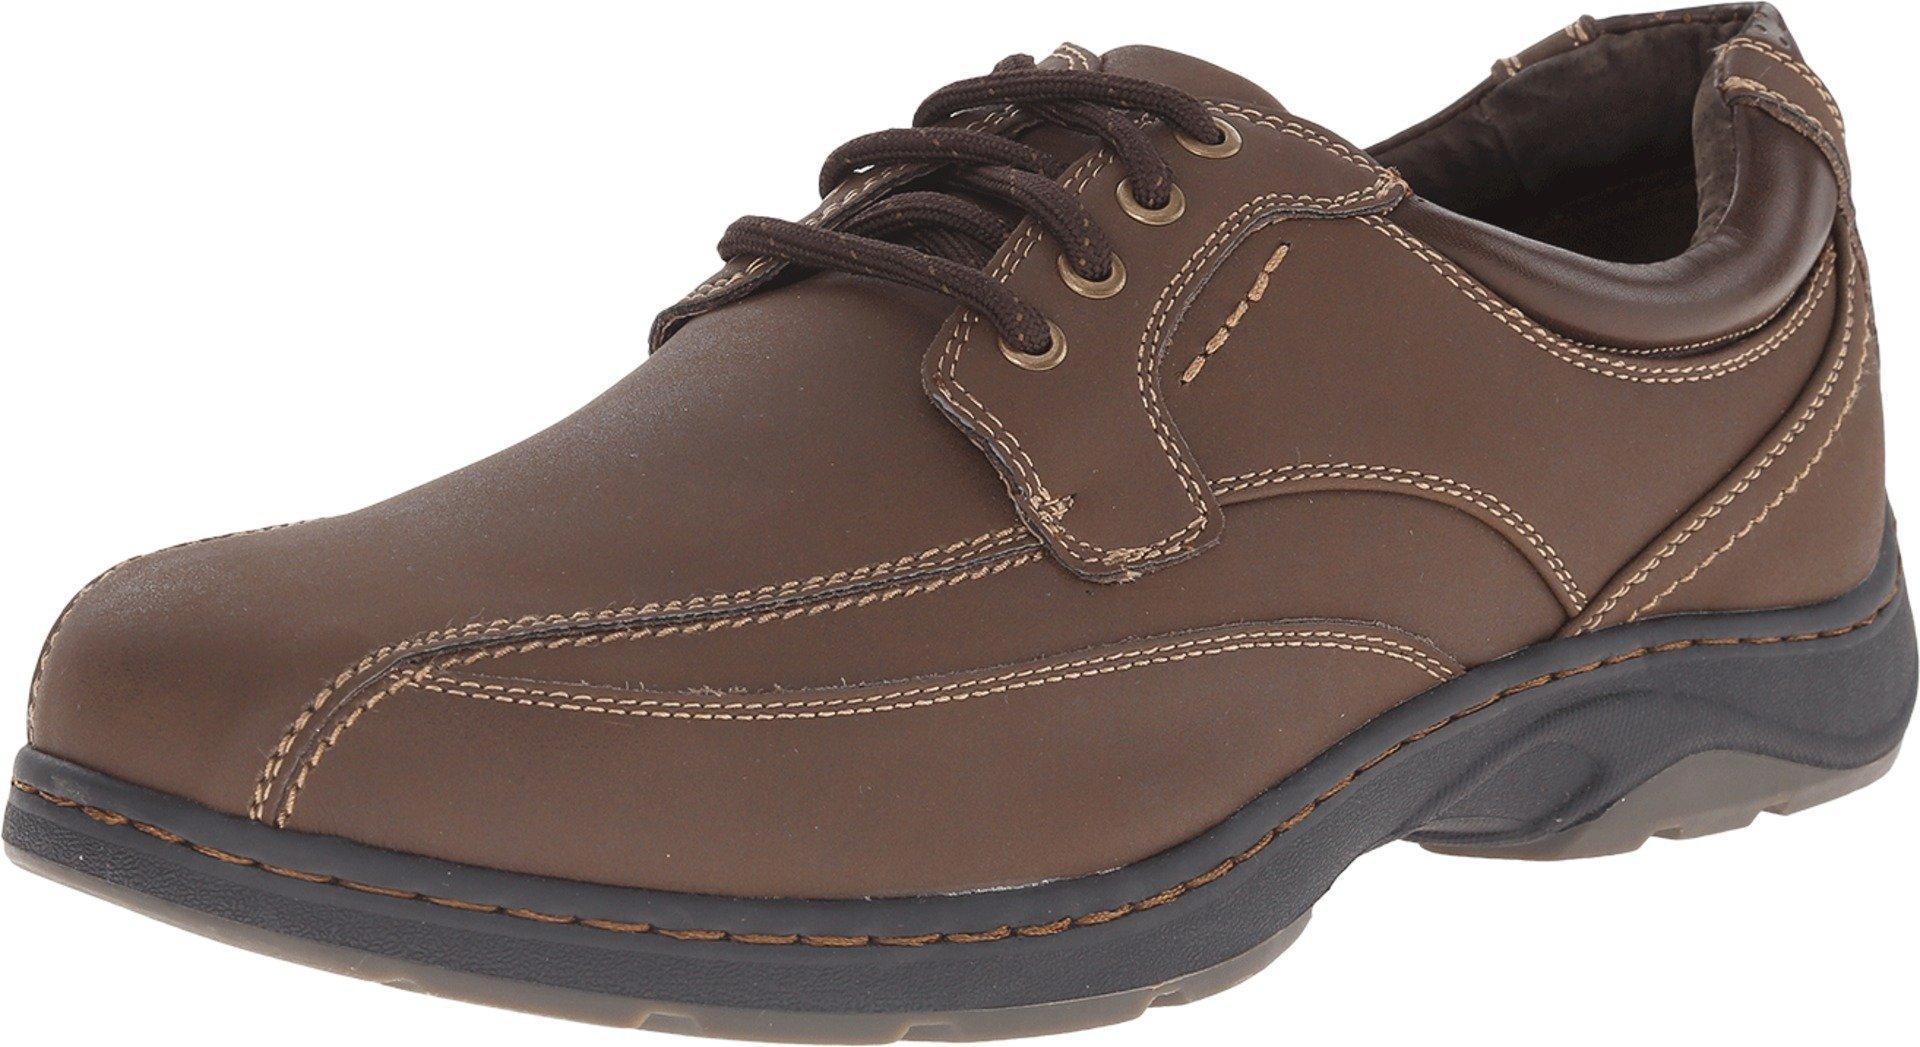 Deer Stags Men's Wilton Shoe, Tan, 8.5 M US by Deer Stags